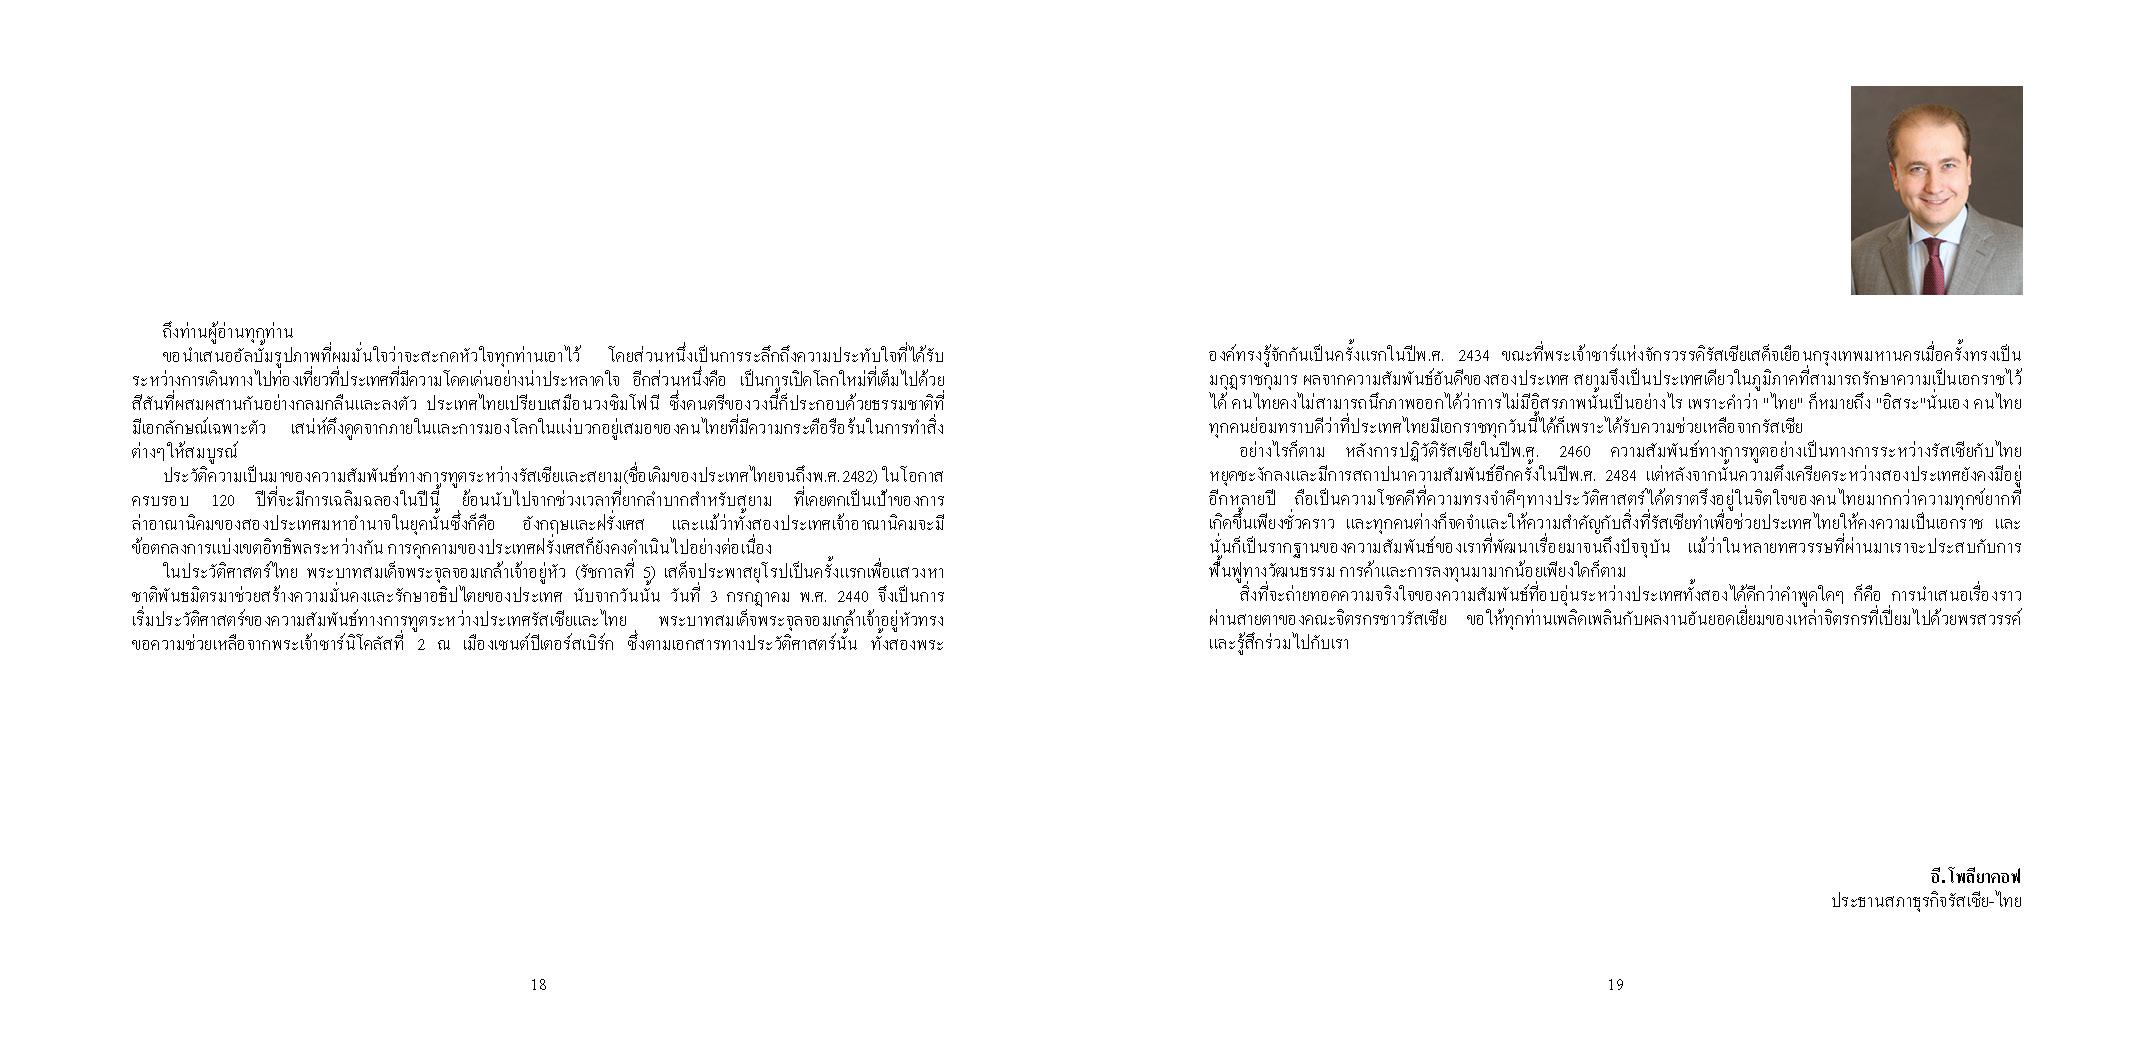 thai_10